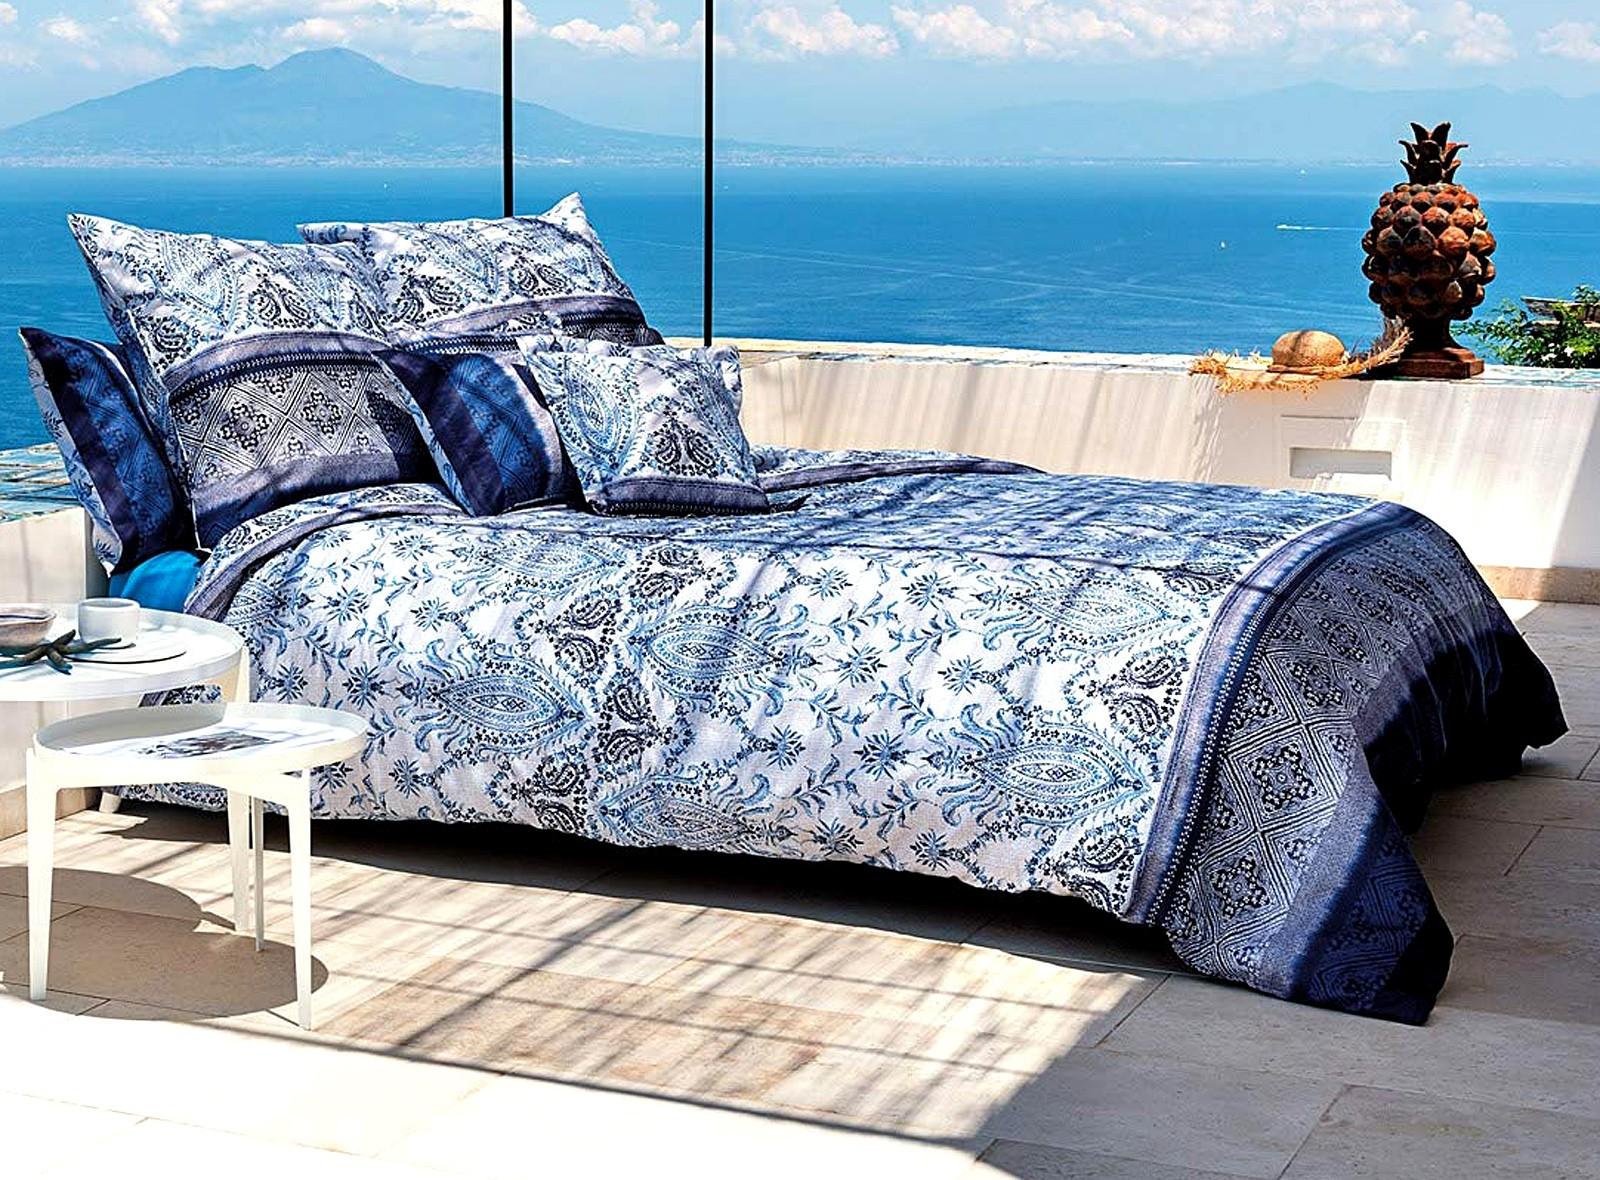 Copripiumino Bassetti Misure.Complete Double Duvet Cover Bedding Granfoulard Bassetti Red